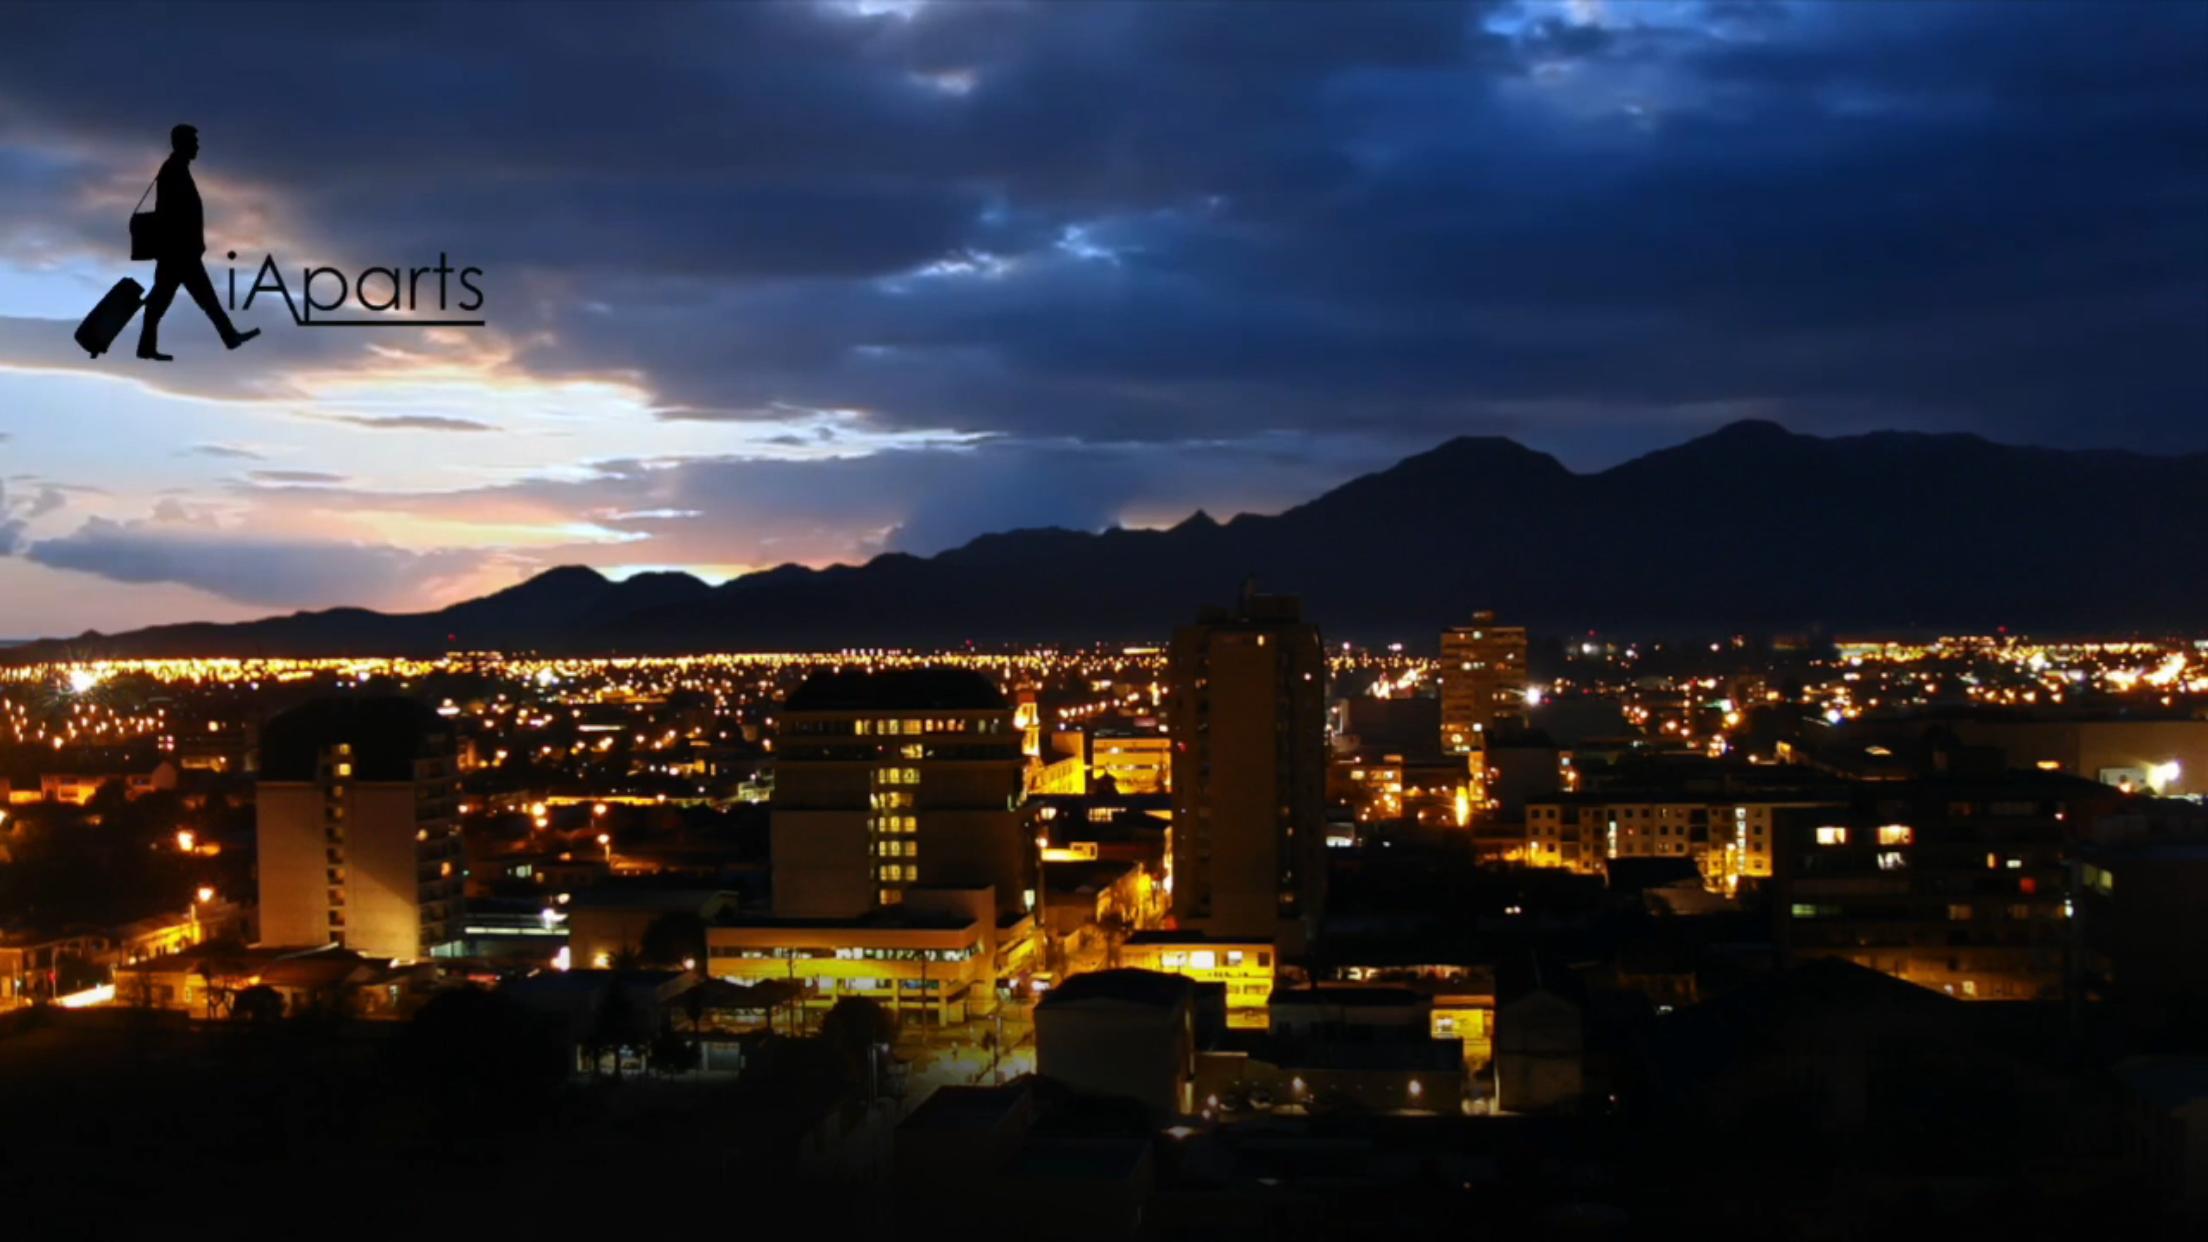 Hermosa vista del atardecer del centro de Rancagua desde las alturas de edificio Panoramic. Fotografía tomada desde el balcón en sunset